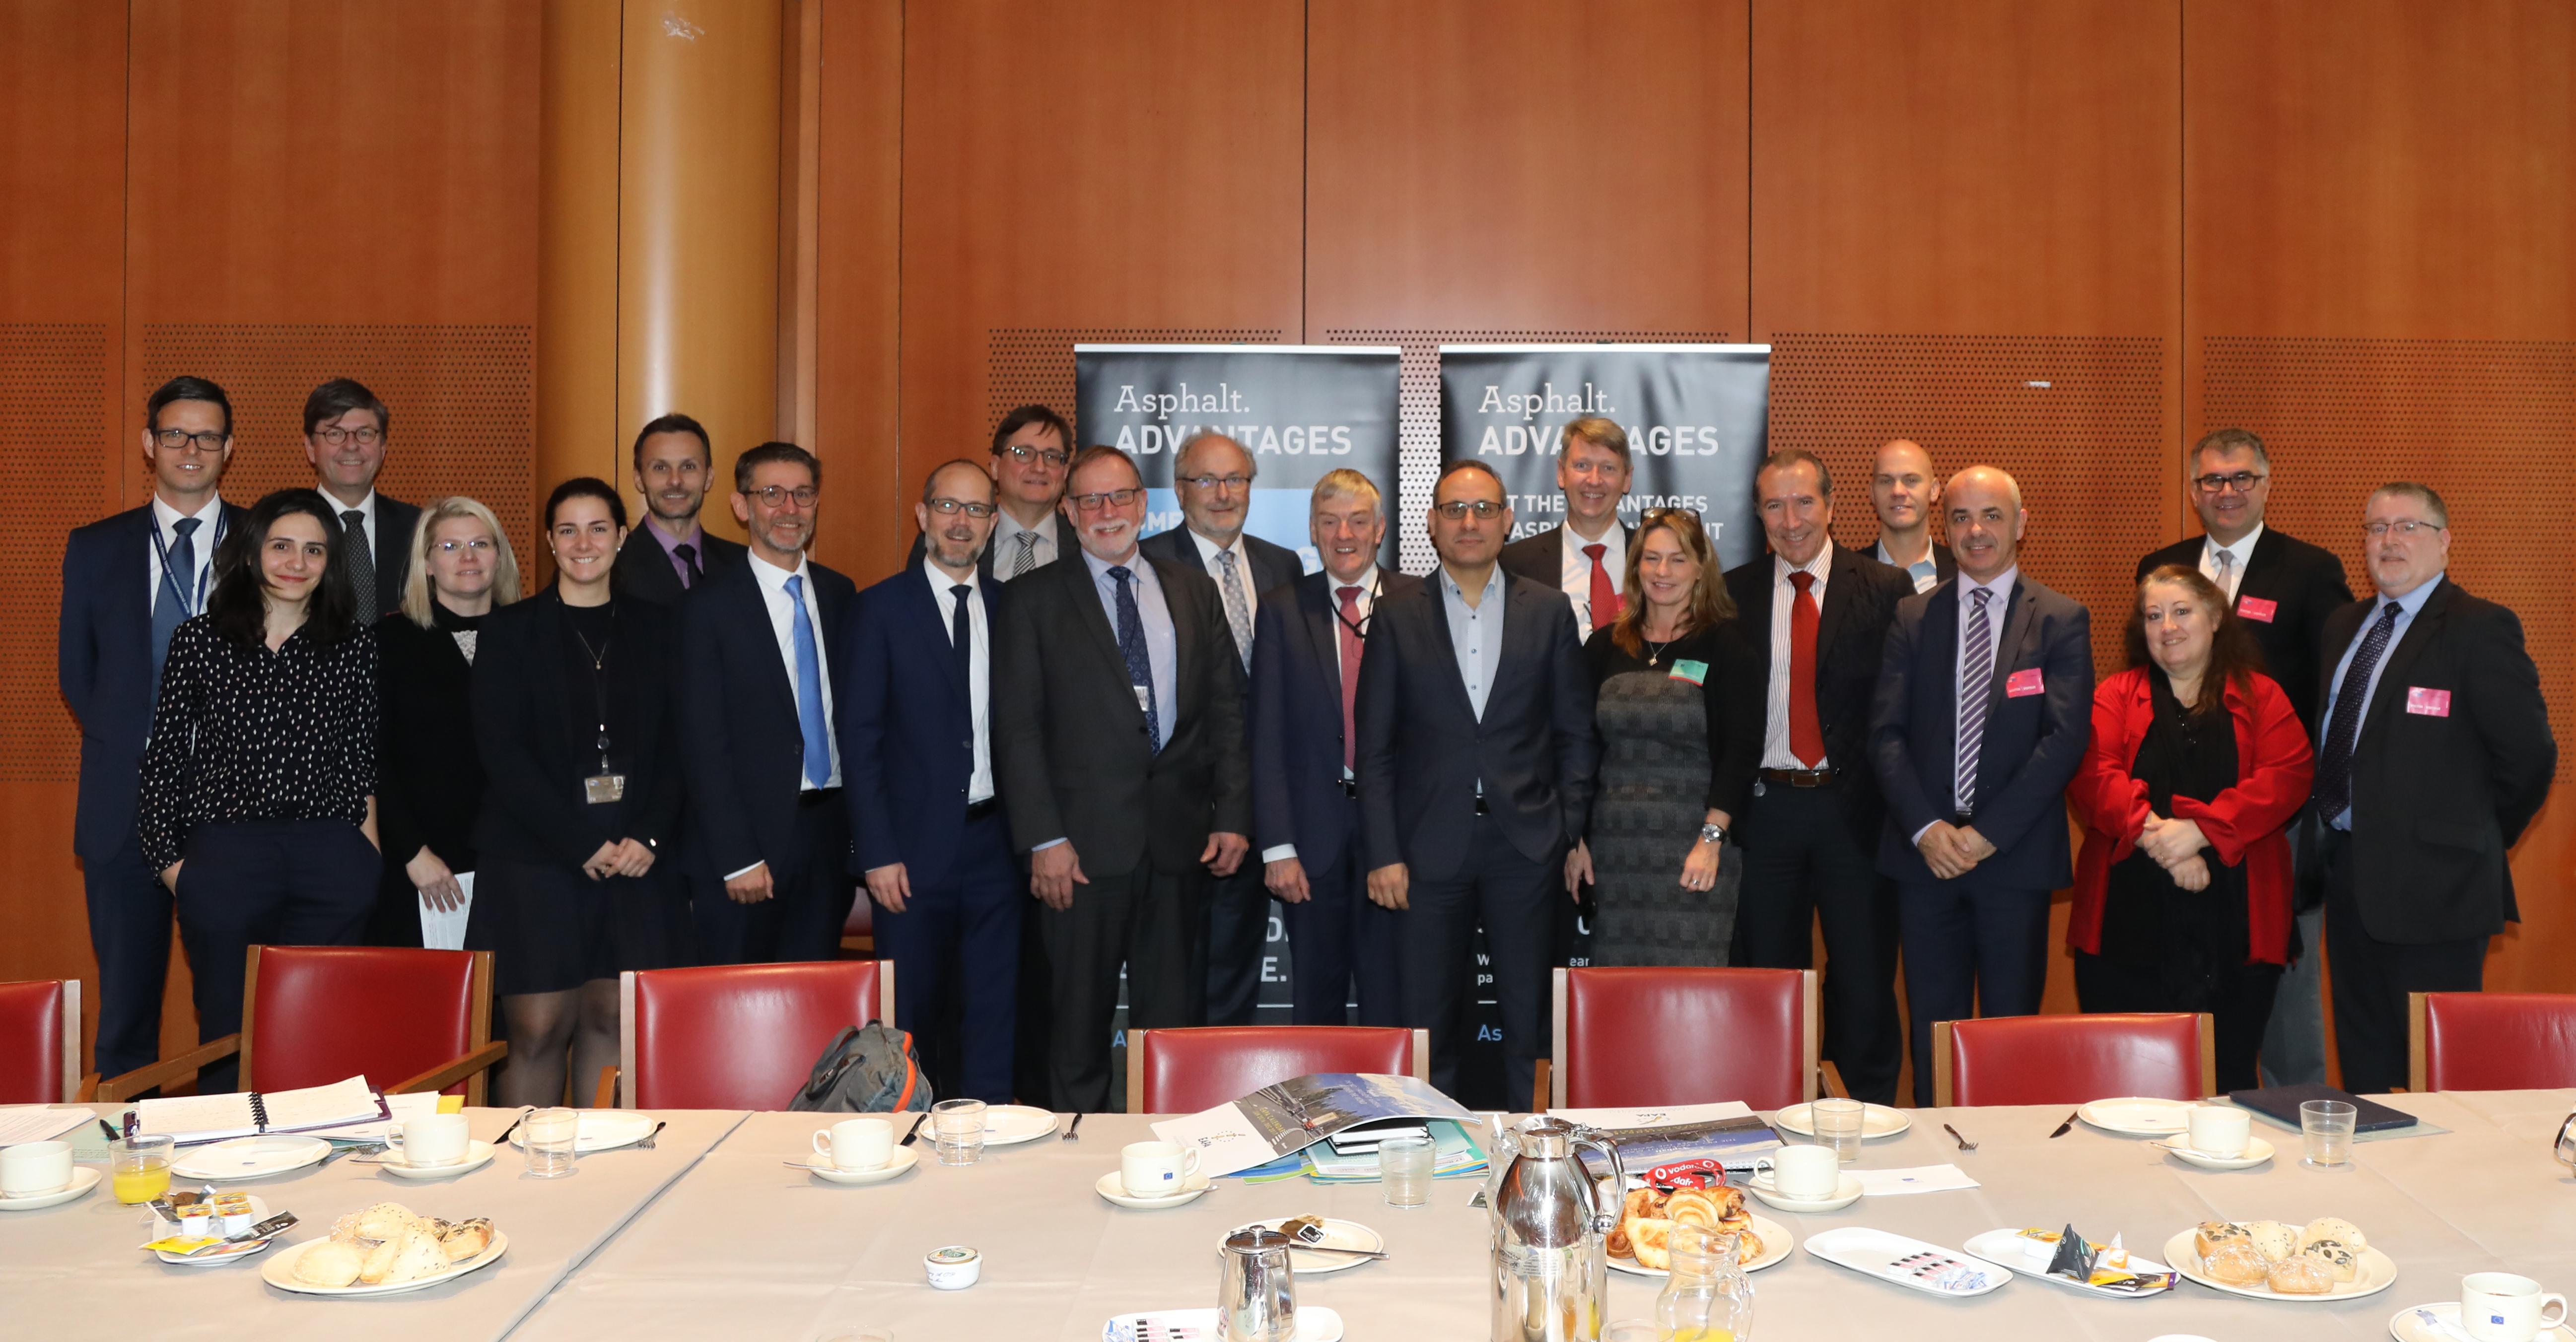 Participantes en el desayuno de trabajo sobre pavimentación asfáltica celebrado en el Parlamento Europeo el jueves 17 de noviembre de 2016.